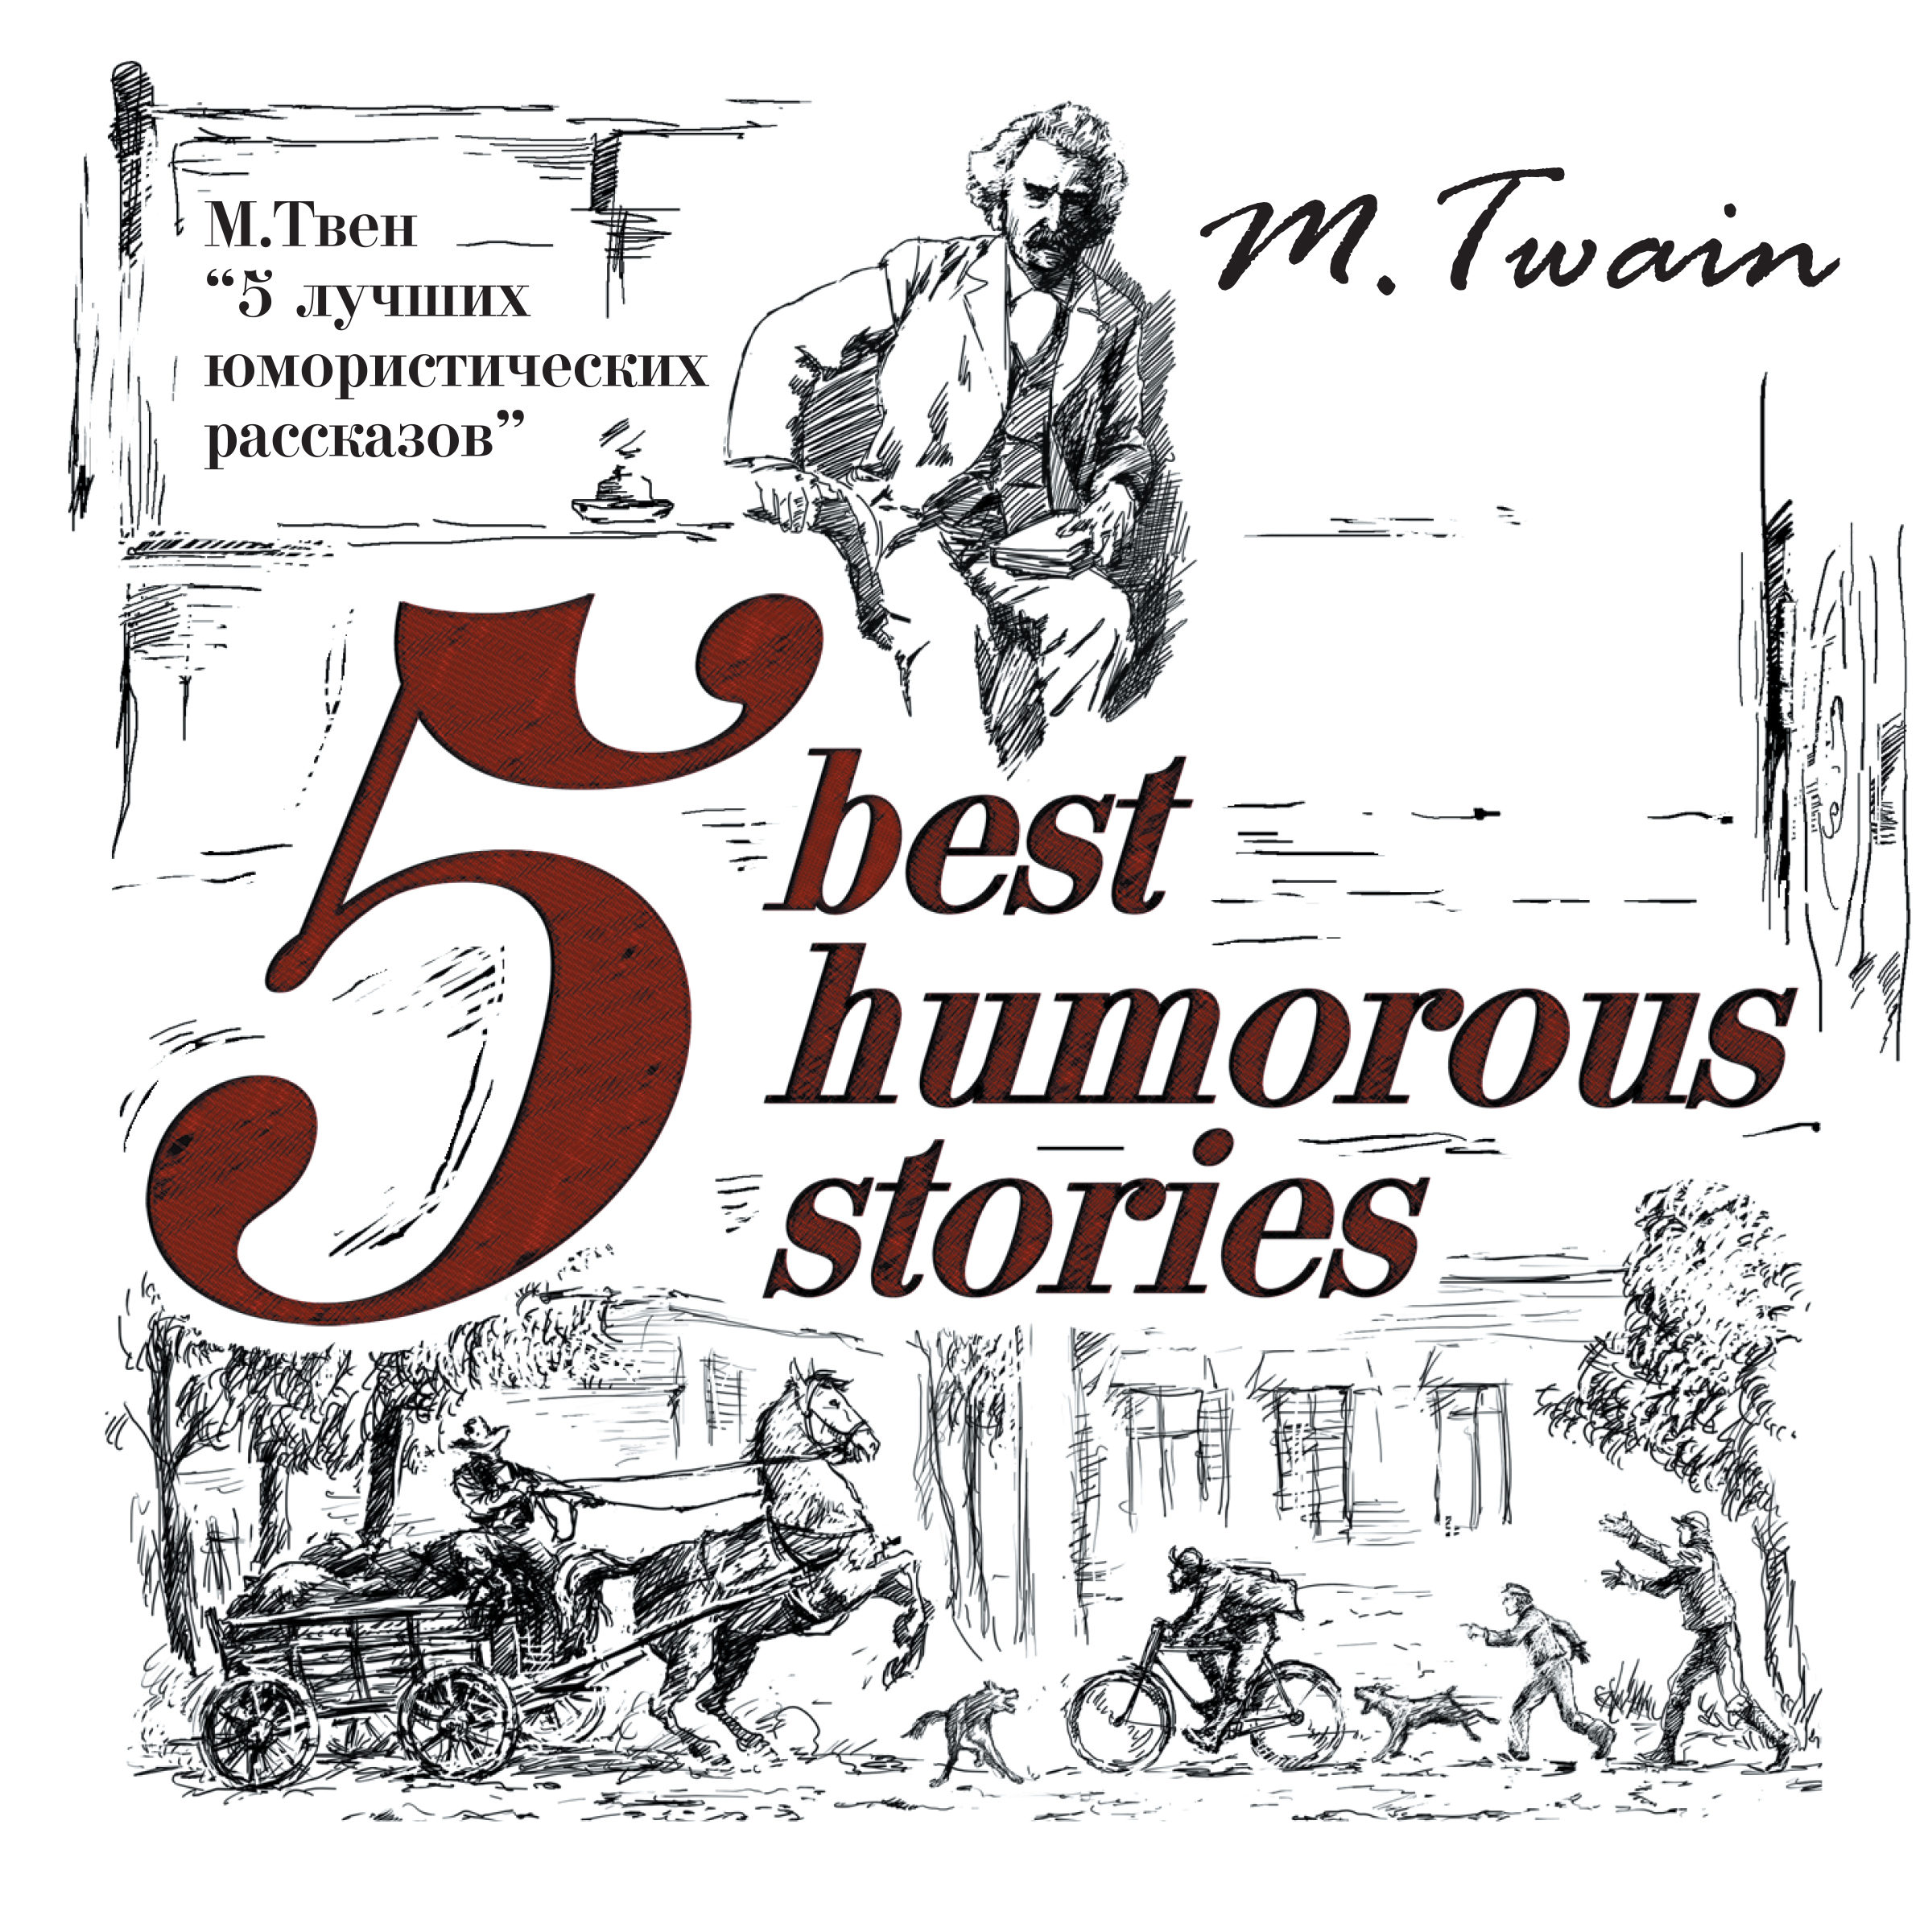 Марк Твен 5 Best Humorous Stories / 5 лучших юмористических историй марк твен 5 best humorous stories 5 лучших юмористических историй